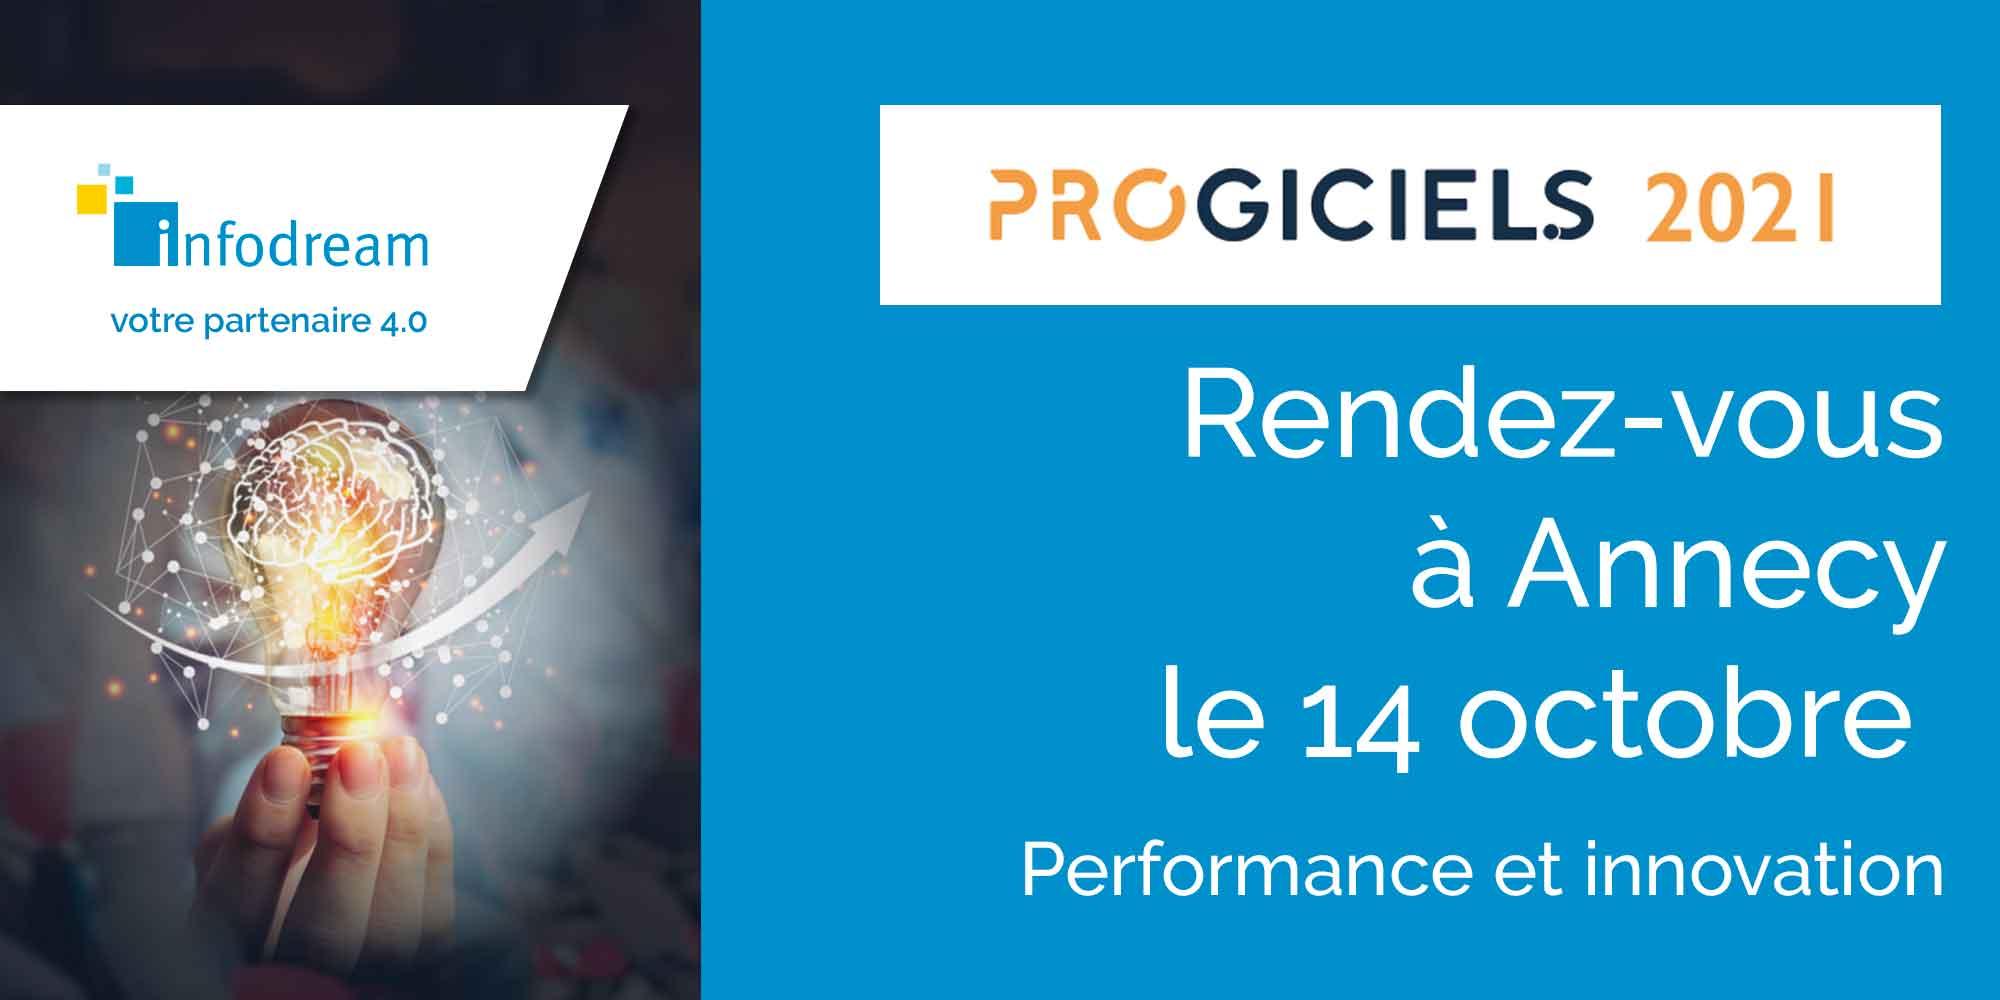 Infodream Sur Le Salon Progiciels, Le Salon Des Logiciels Pour La Performance Et L'innovation Industrielle